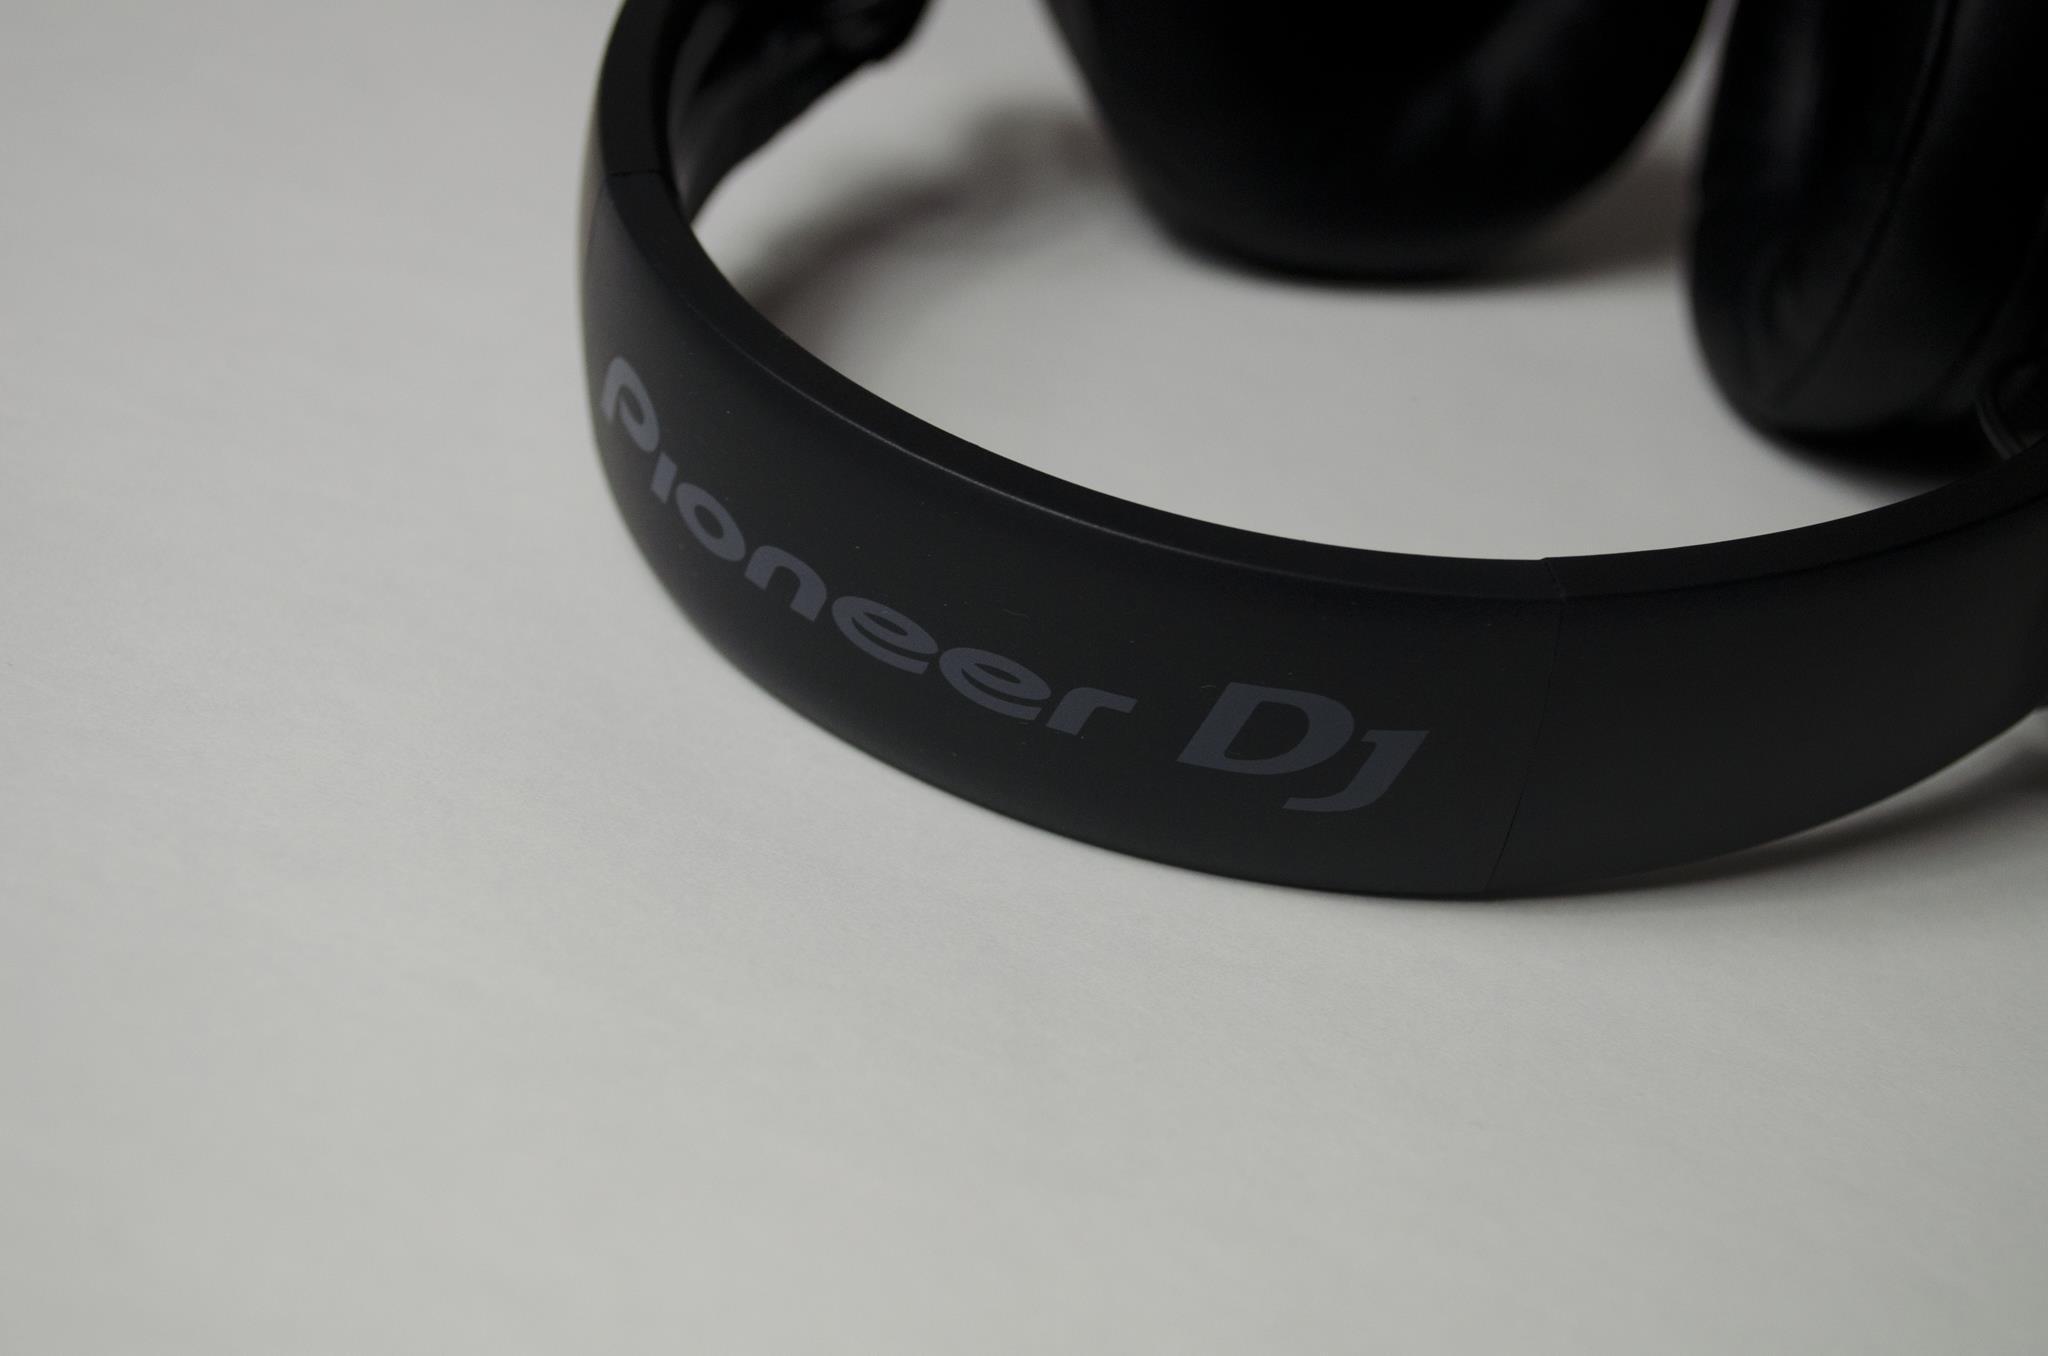 Pioneer HDJ-700 Headphones Review